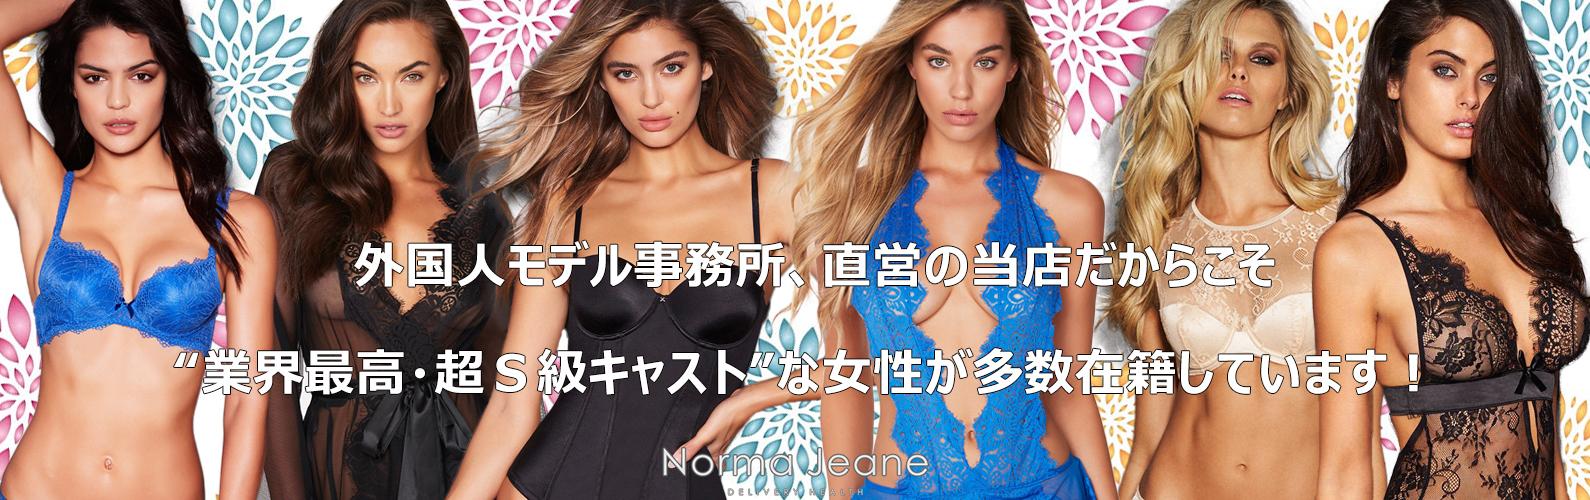 """外国人モデル事務所、直営の当店だからこそ""""業界最高・超S級キャスト""""な女性が多数在籍しています!"""